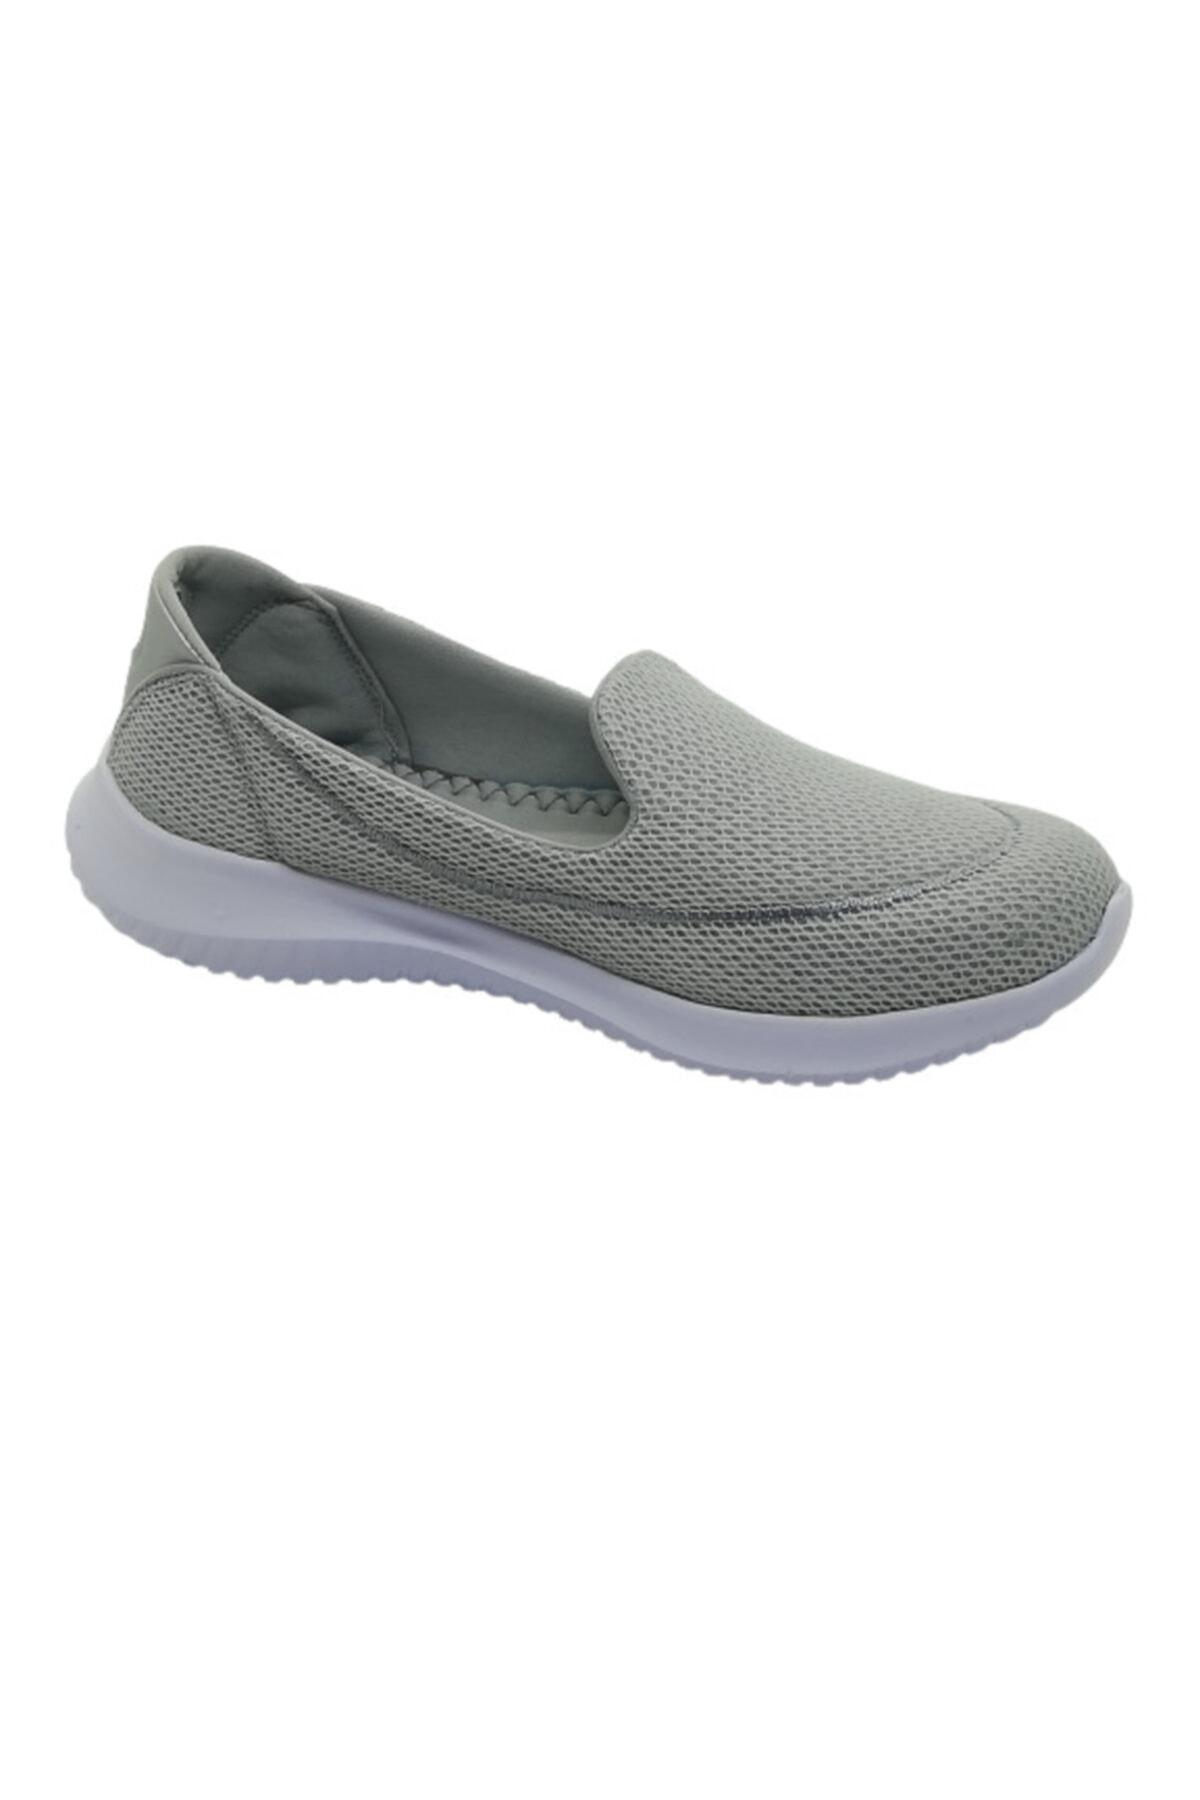 Pierre Cardin Kadın Gri Günlük Ayakkabı Pc-30168 2